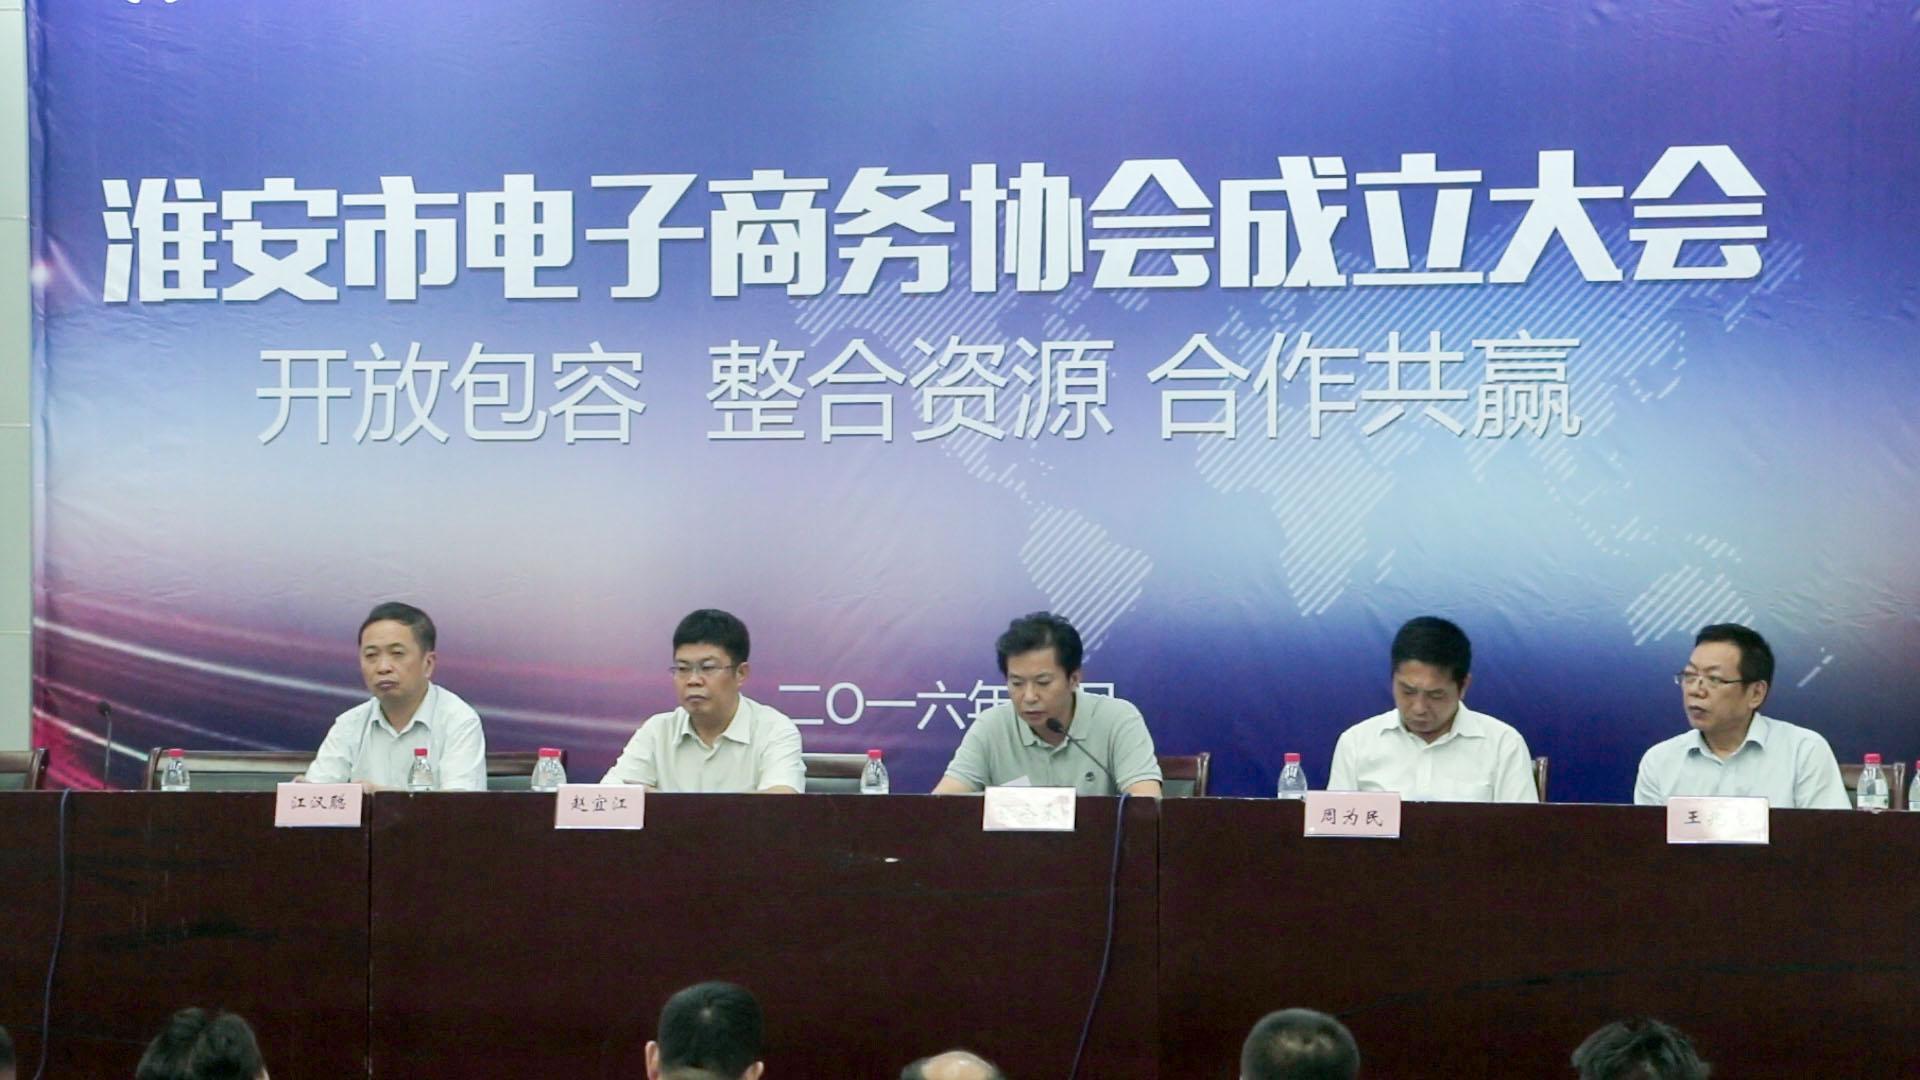 淮安市电子商务协会成立大会成功召开